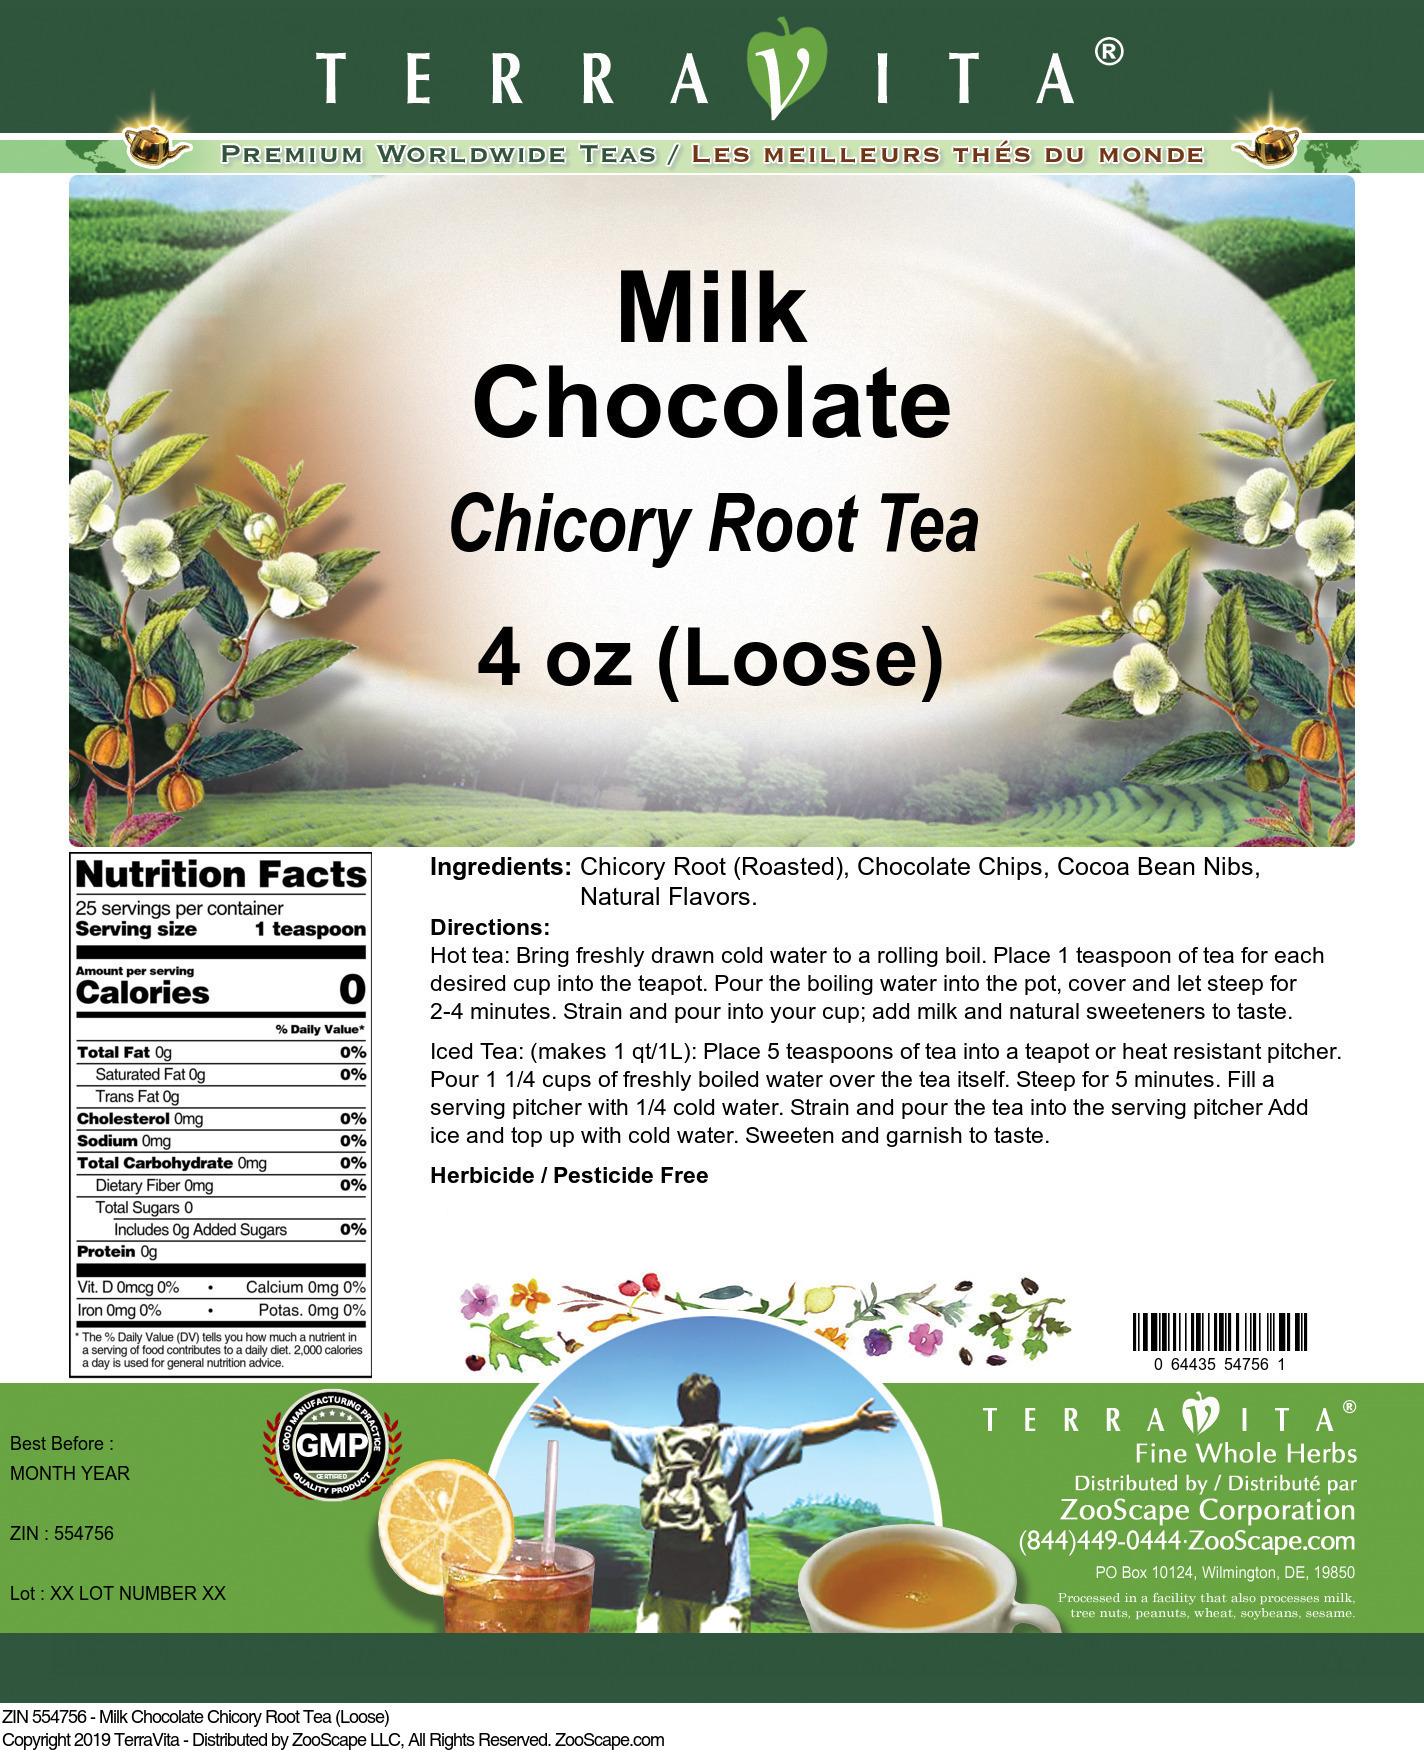 Milk Chocolate Chicory Root